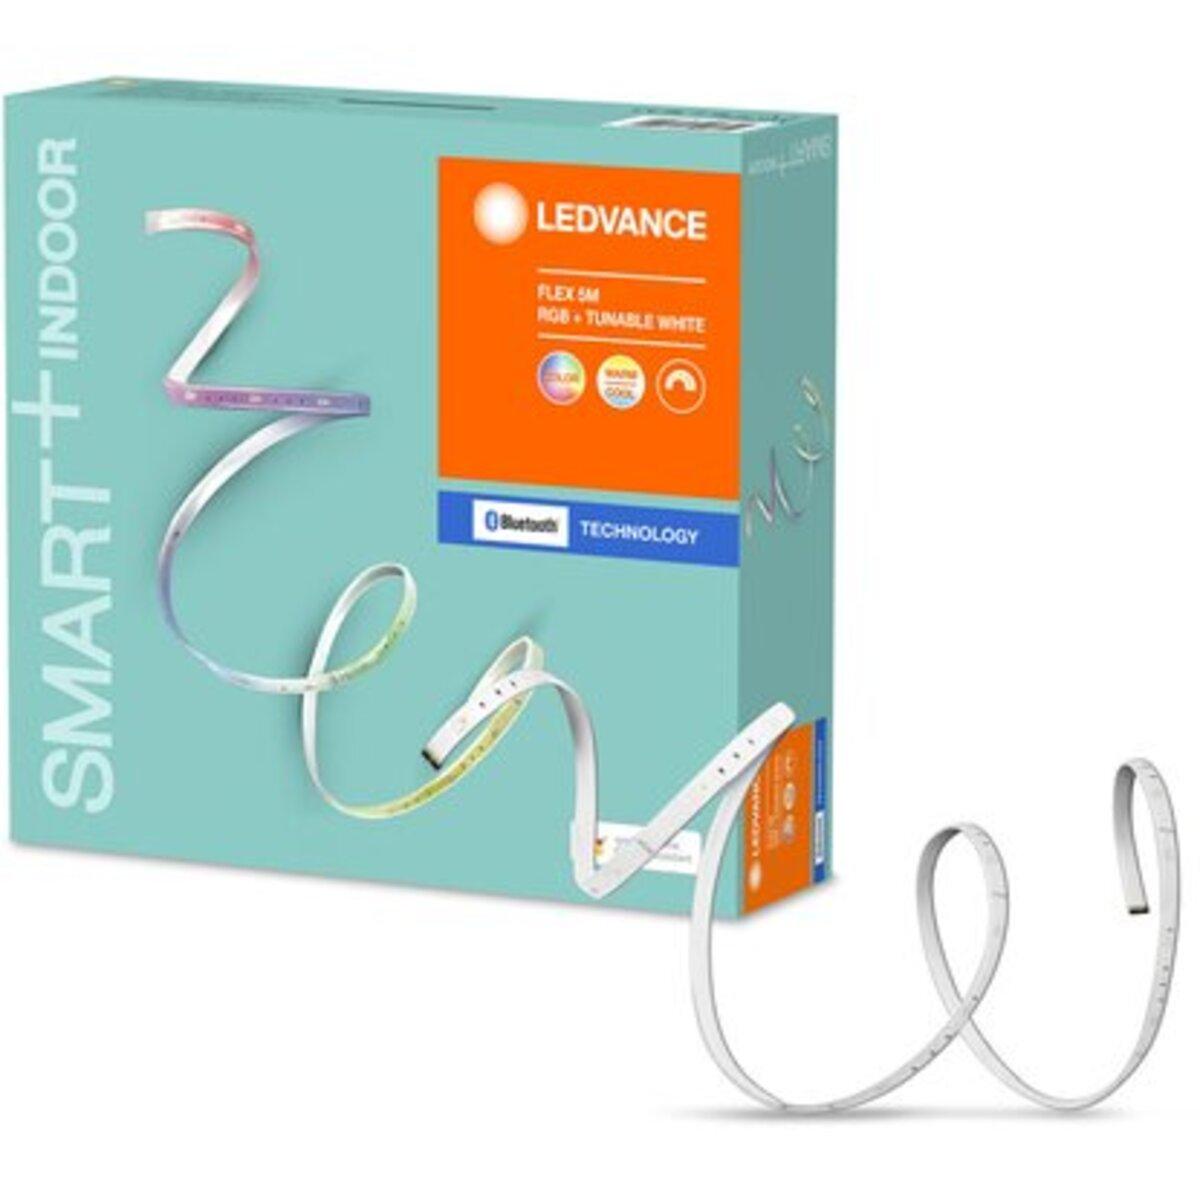 Bild 1 von Ledvance Smart+ Bluetooth Flexband für Innen 5 Meter 16 Mio. Farben Farbwechsel